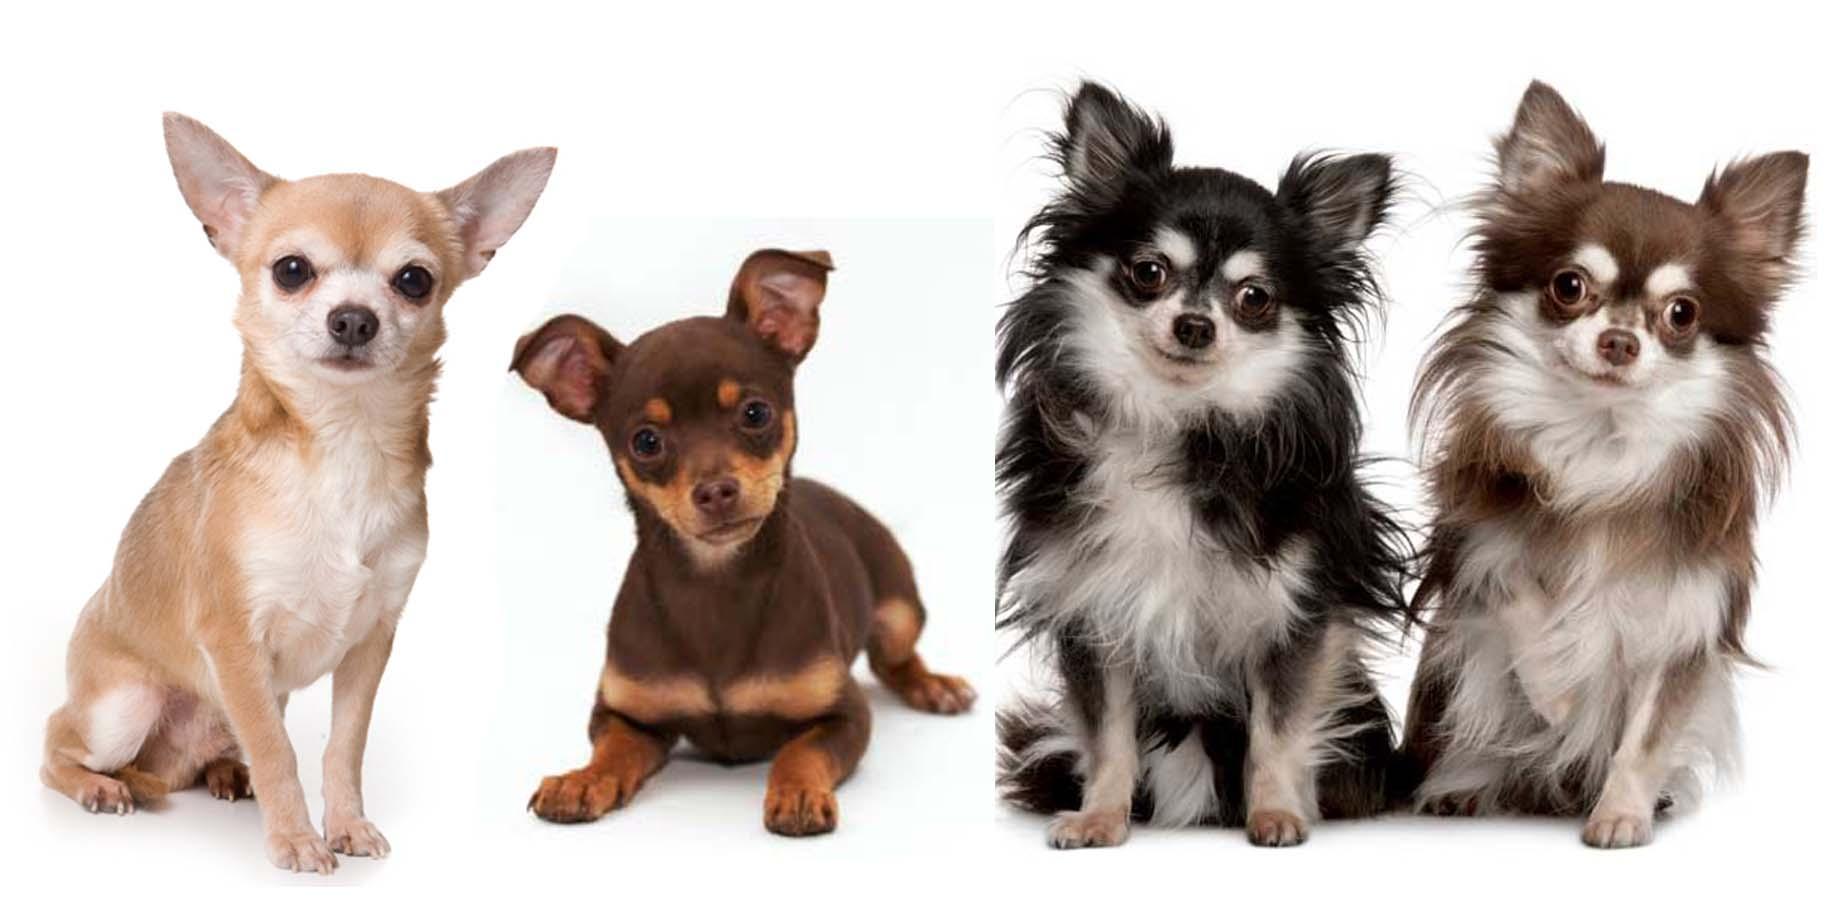 самые маленькие собачки фото и название